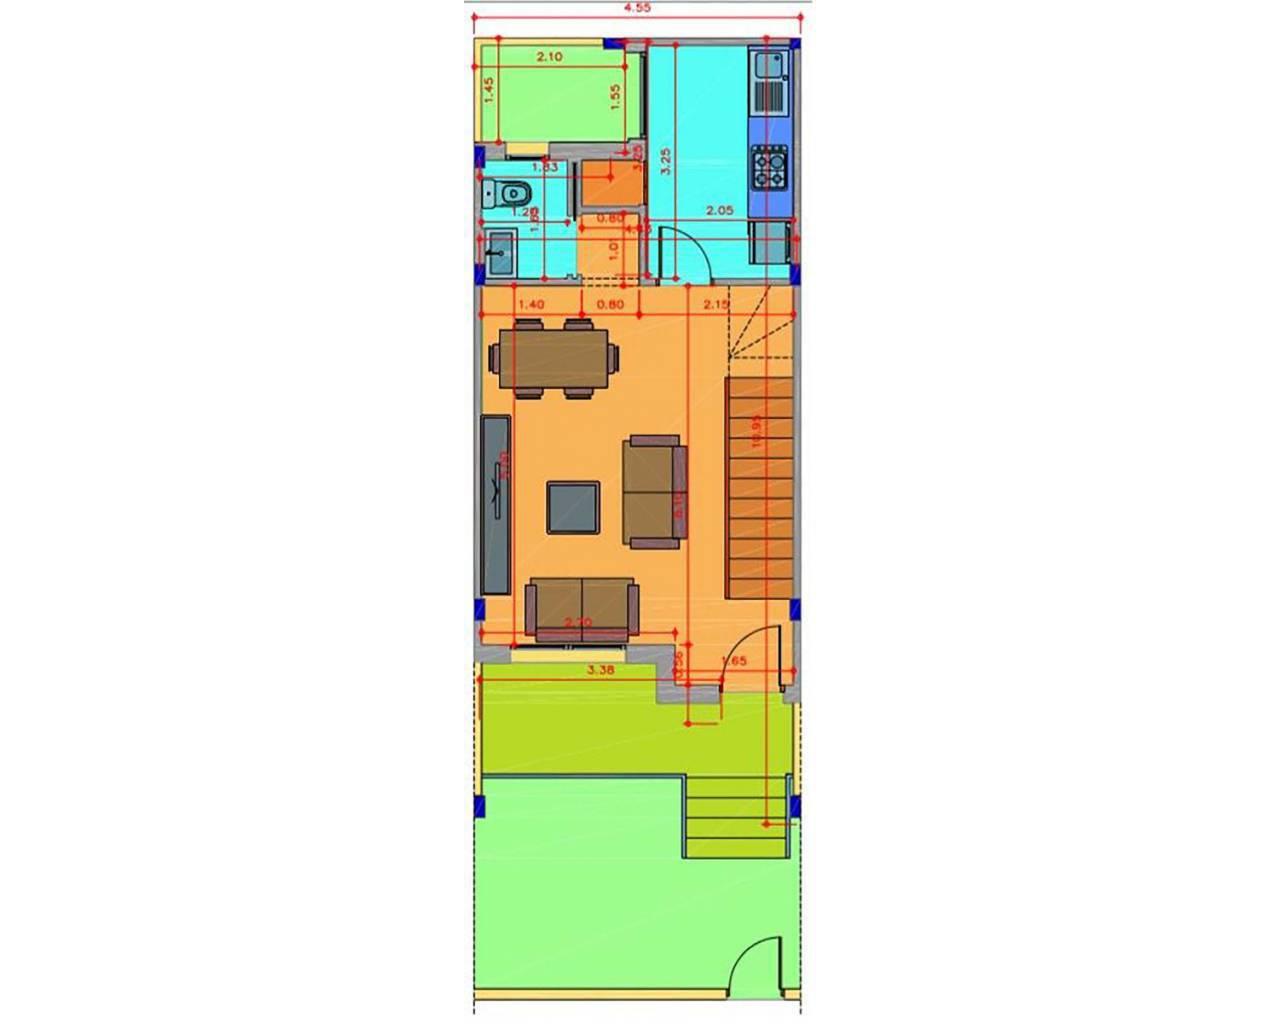 nieuwbouw-geschakelde-woning-duplex-torrevieja-los-balcones_5347_xl